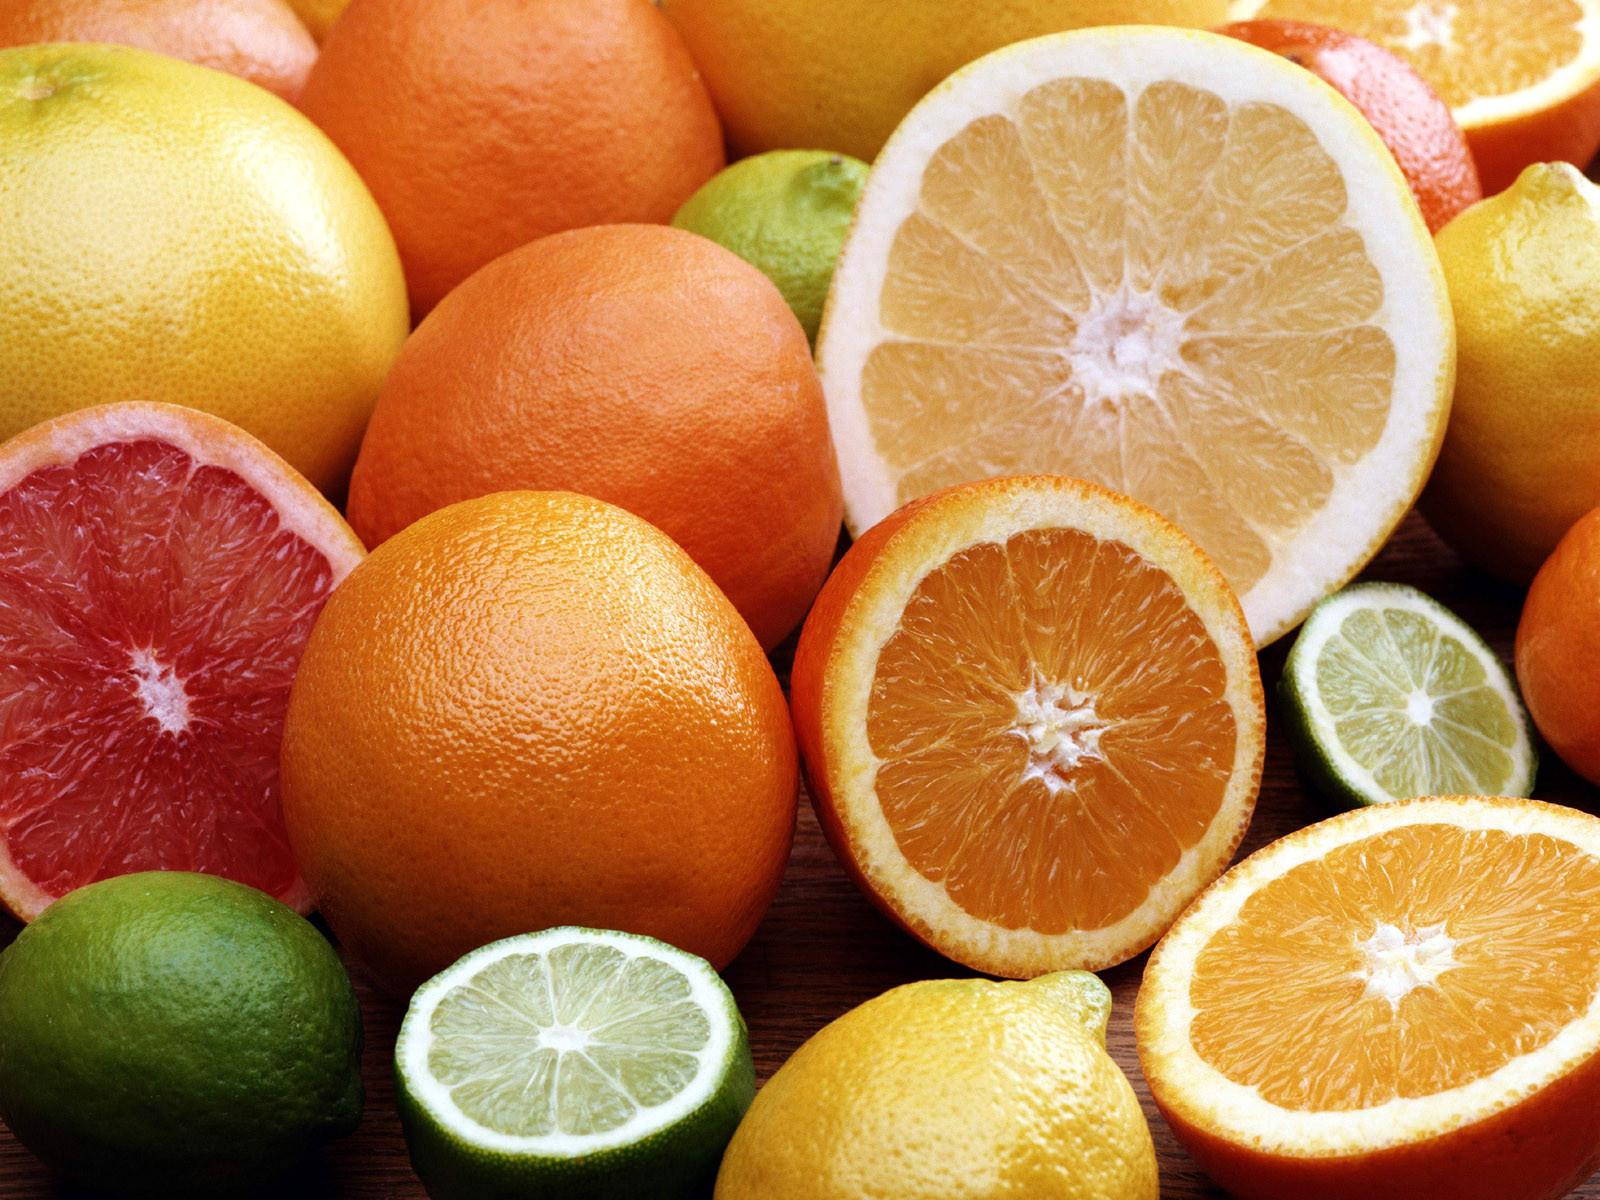 Японские ученые утверждают, что апельсины илимоны защищают отразвития деменции